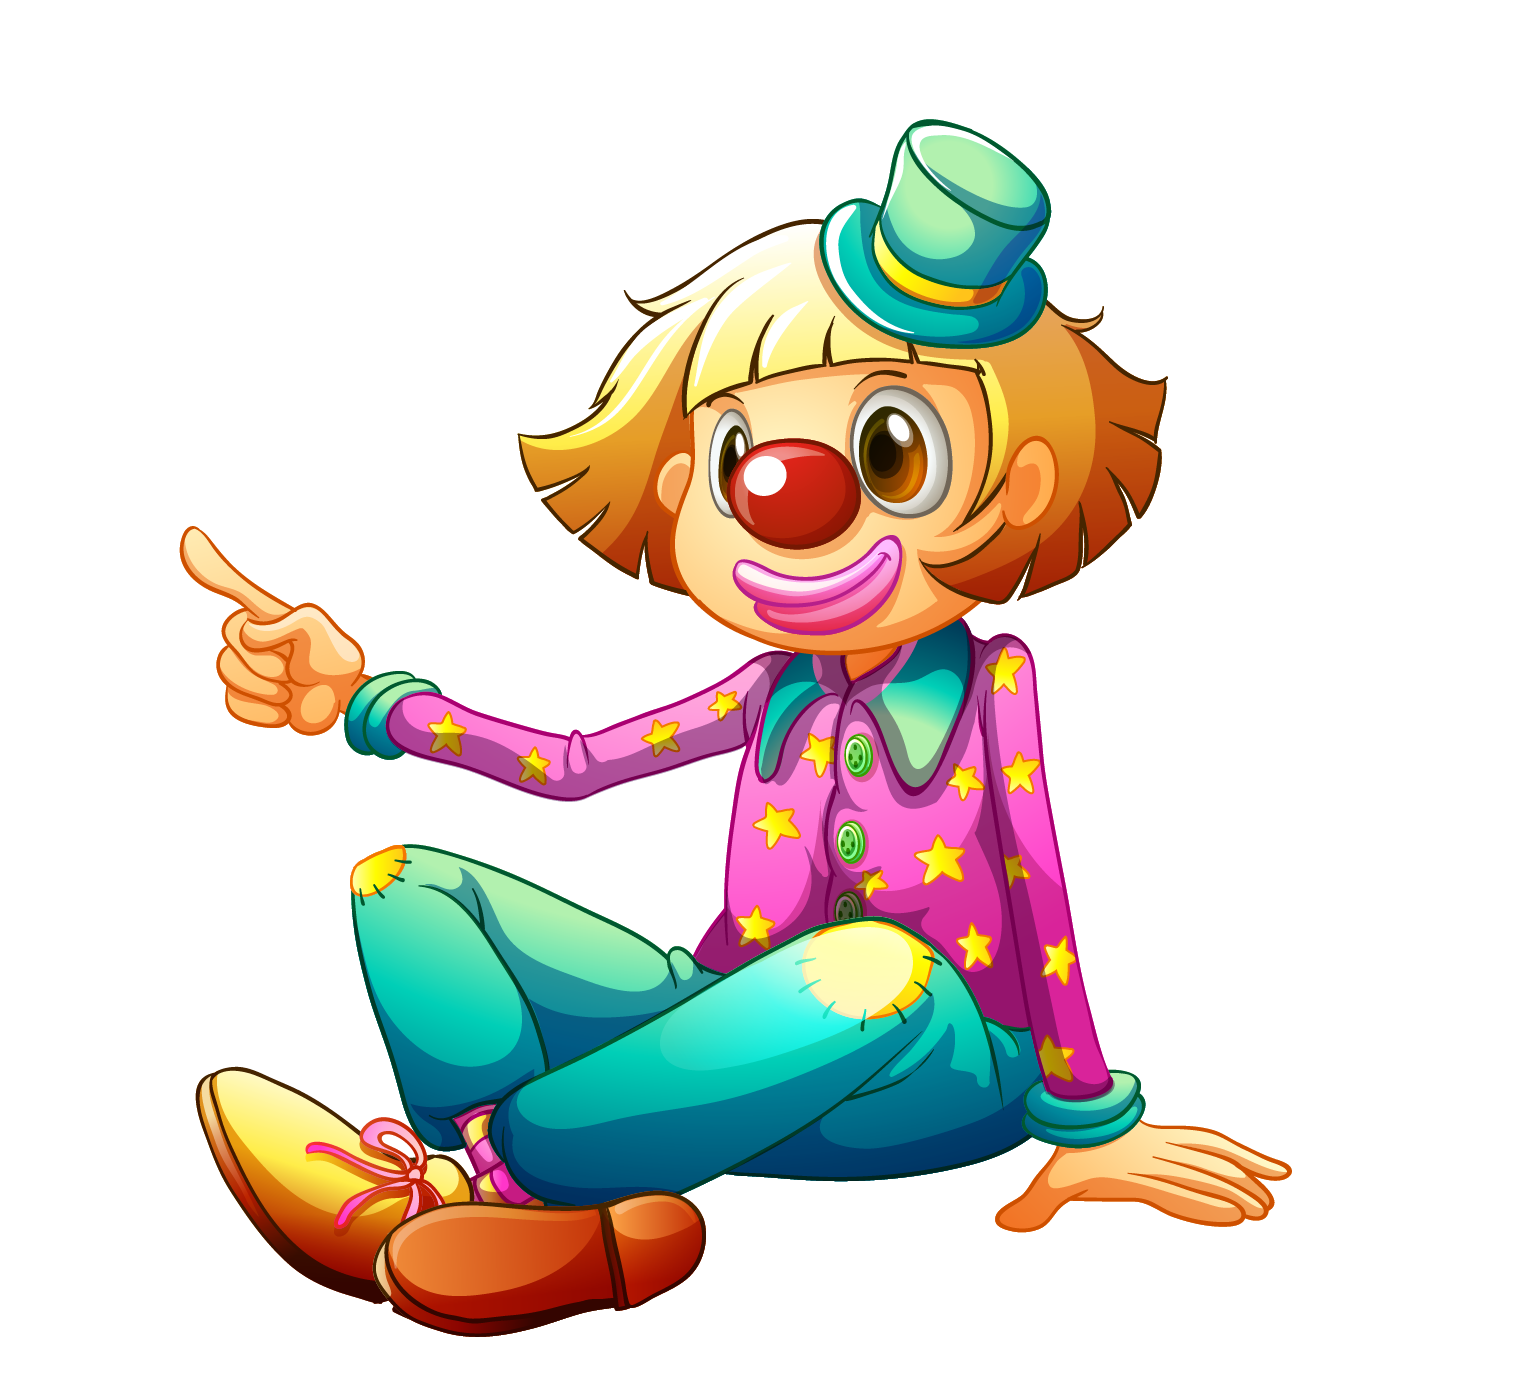 Joker clip art vector freeuse stock Joker Clown Clip art - Hip-hop cartoon clown 1538*1394 transprent ... vector freeuse stock